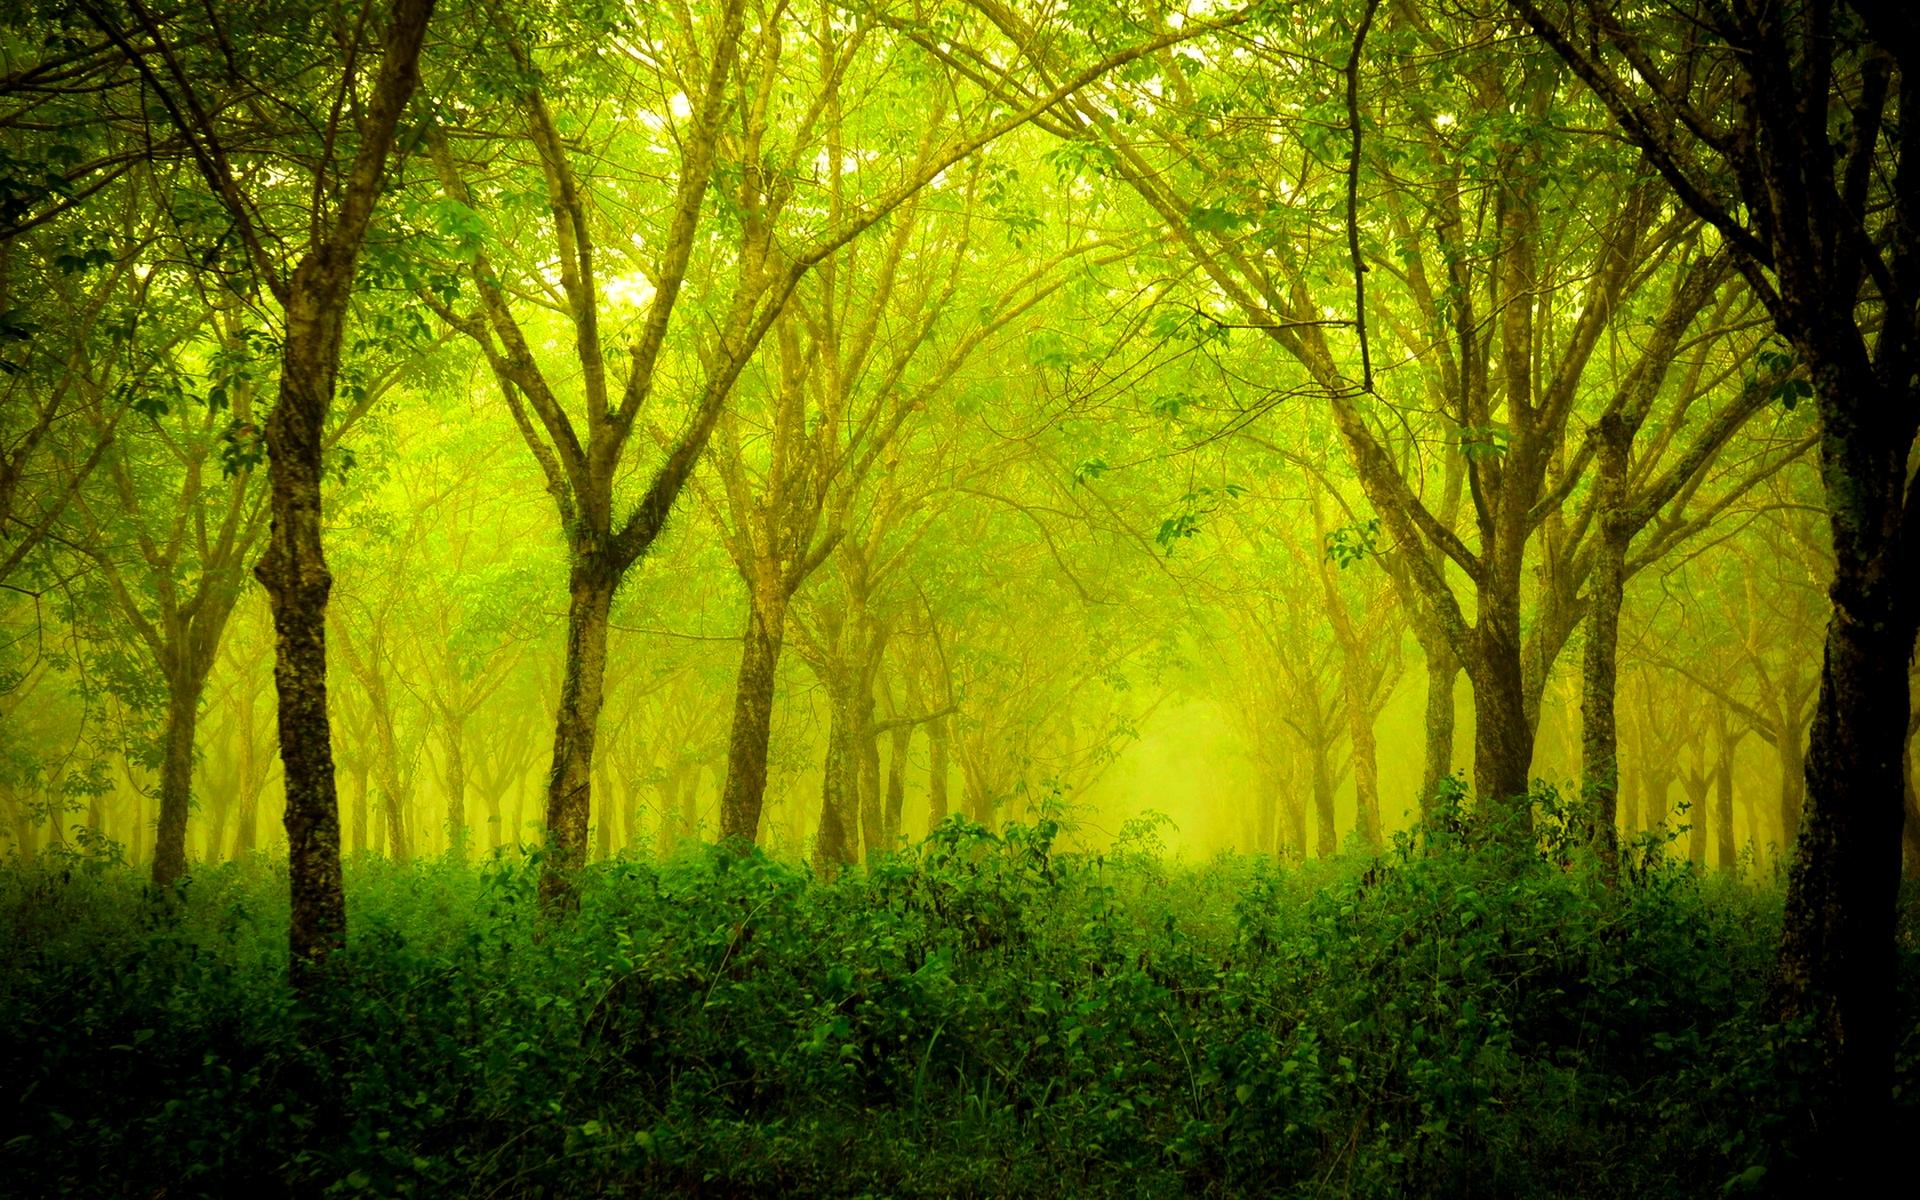 Green Forest Wallpaper HD